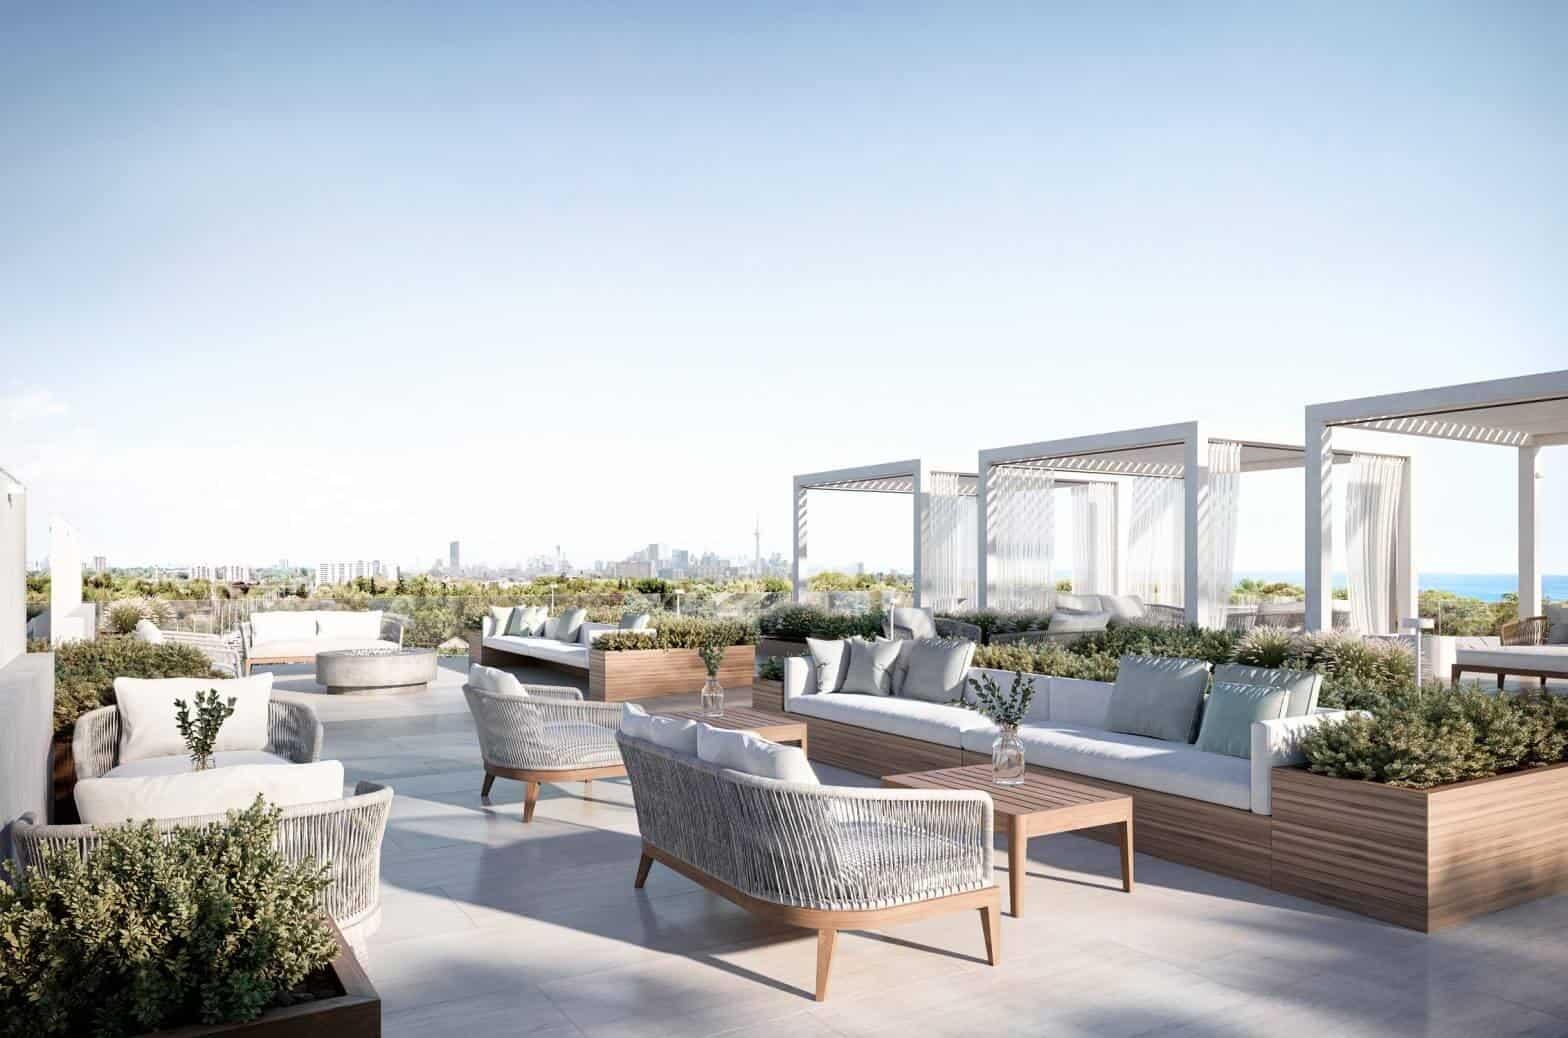 westport rooftop